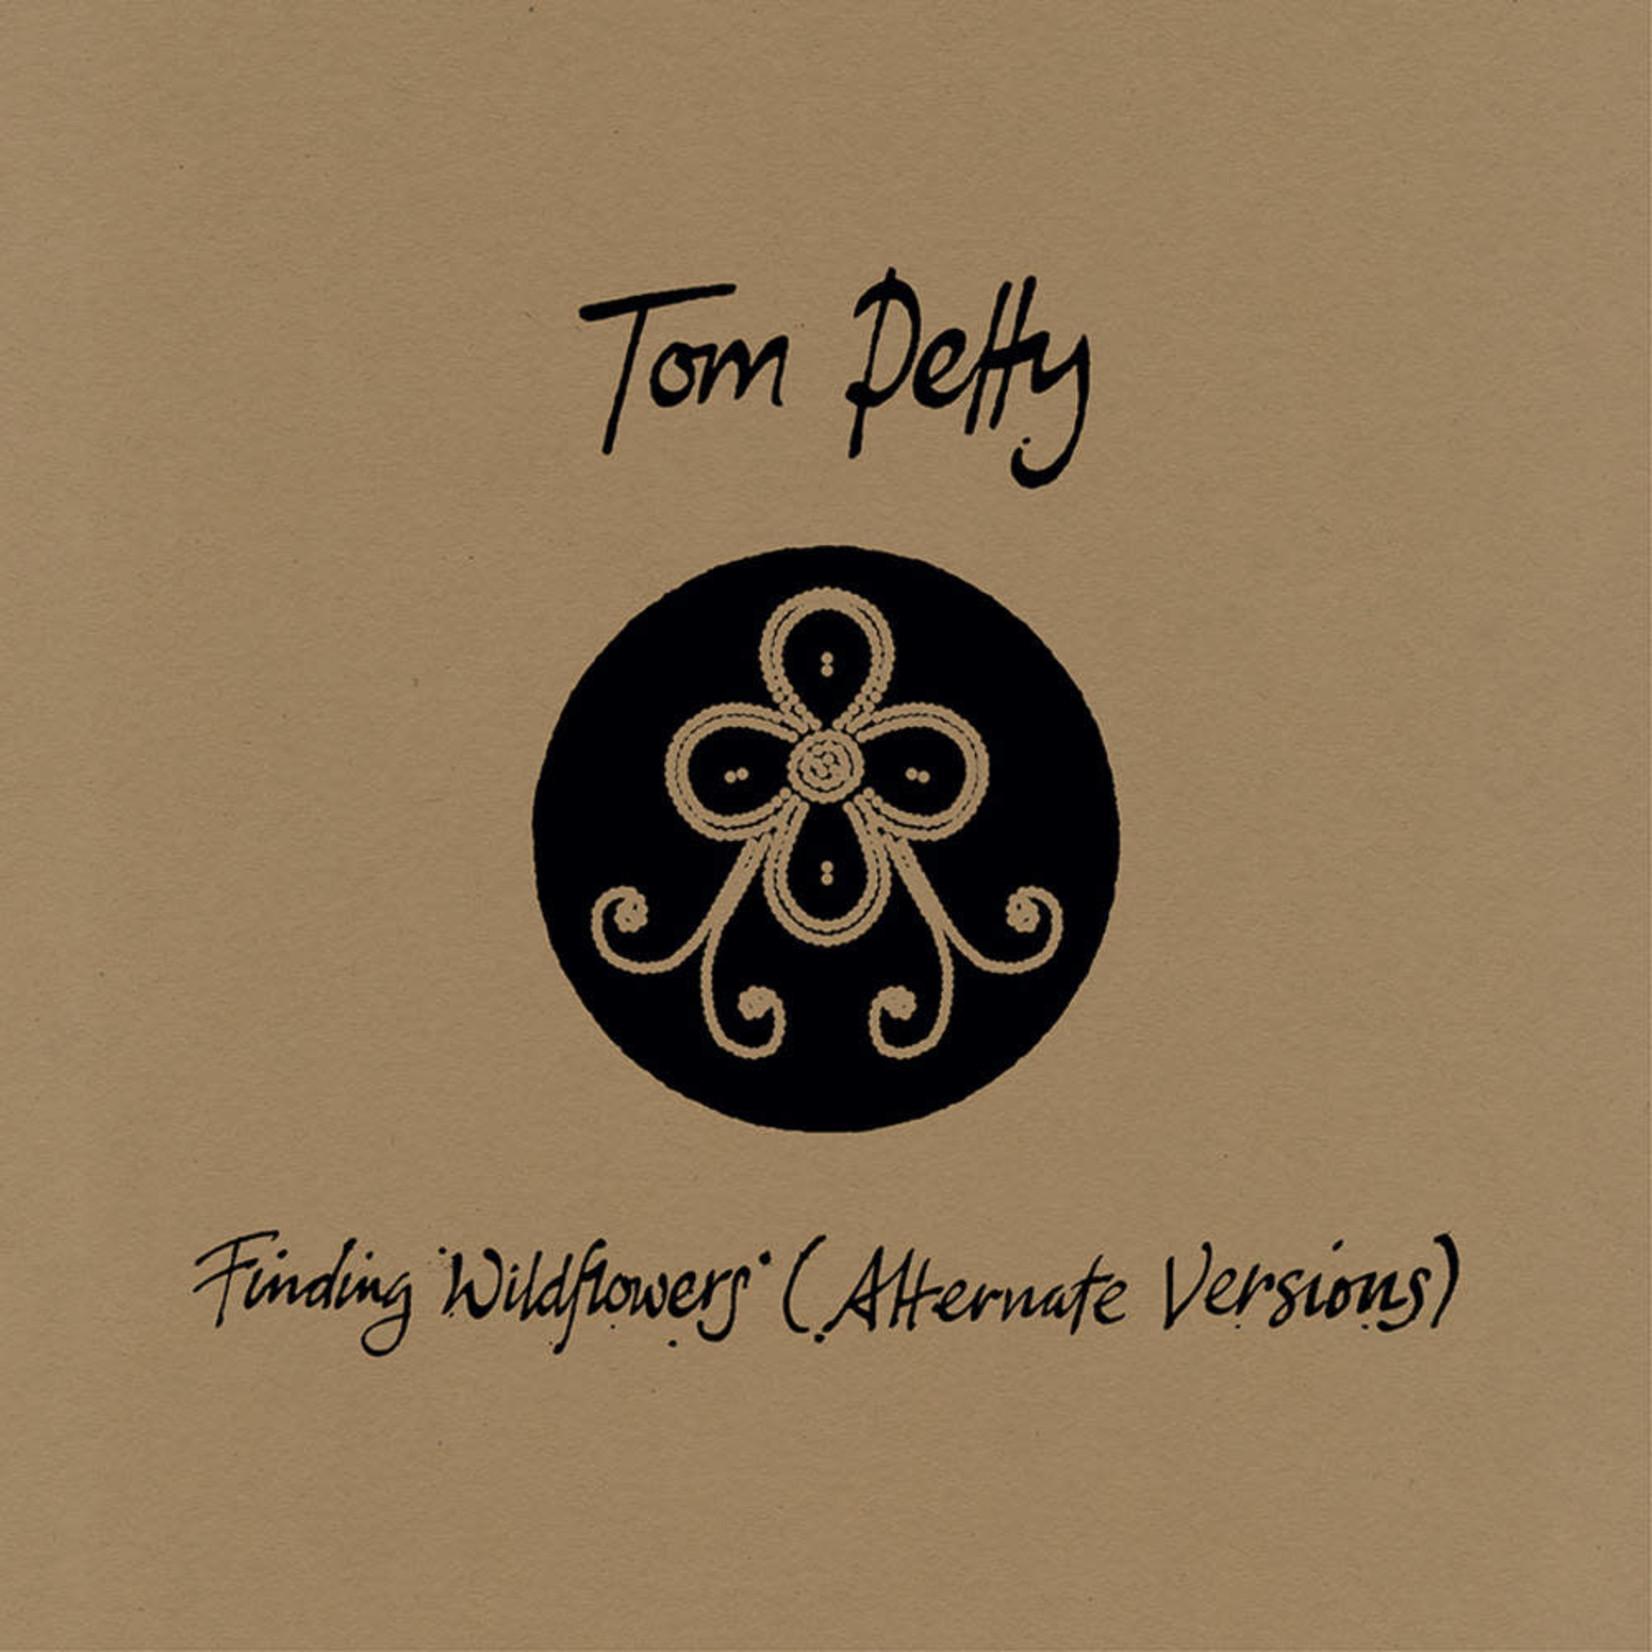 TOM PETTY FINDING WILDFLOWERS (ALTERNATE VERSIONS) INDIE GOLD 2LP